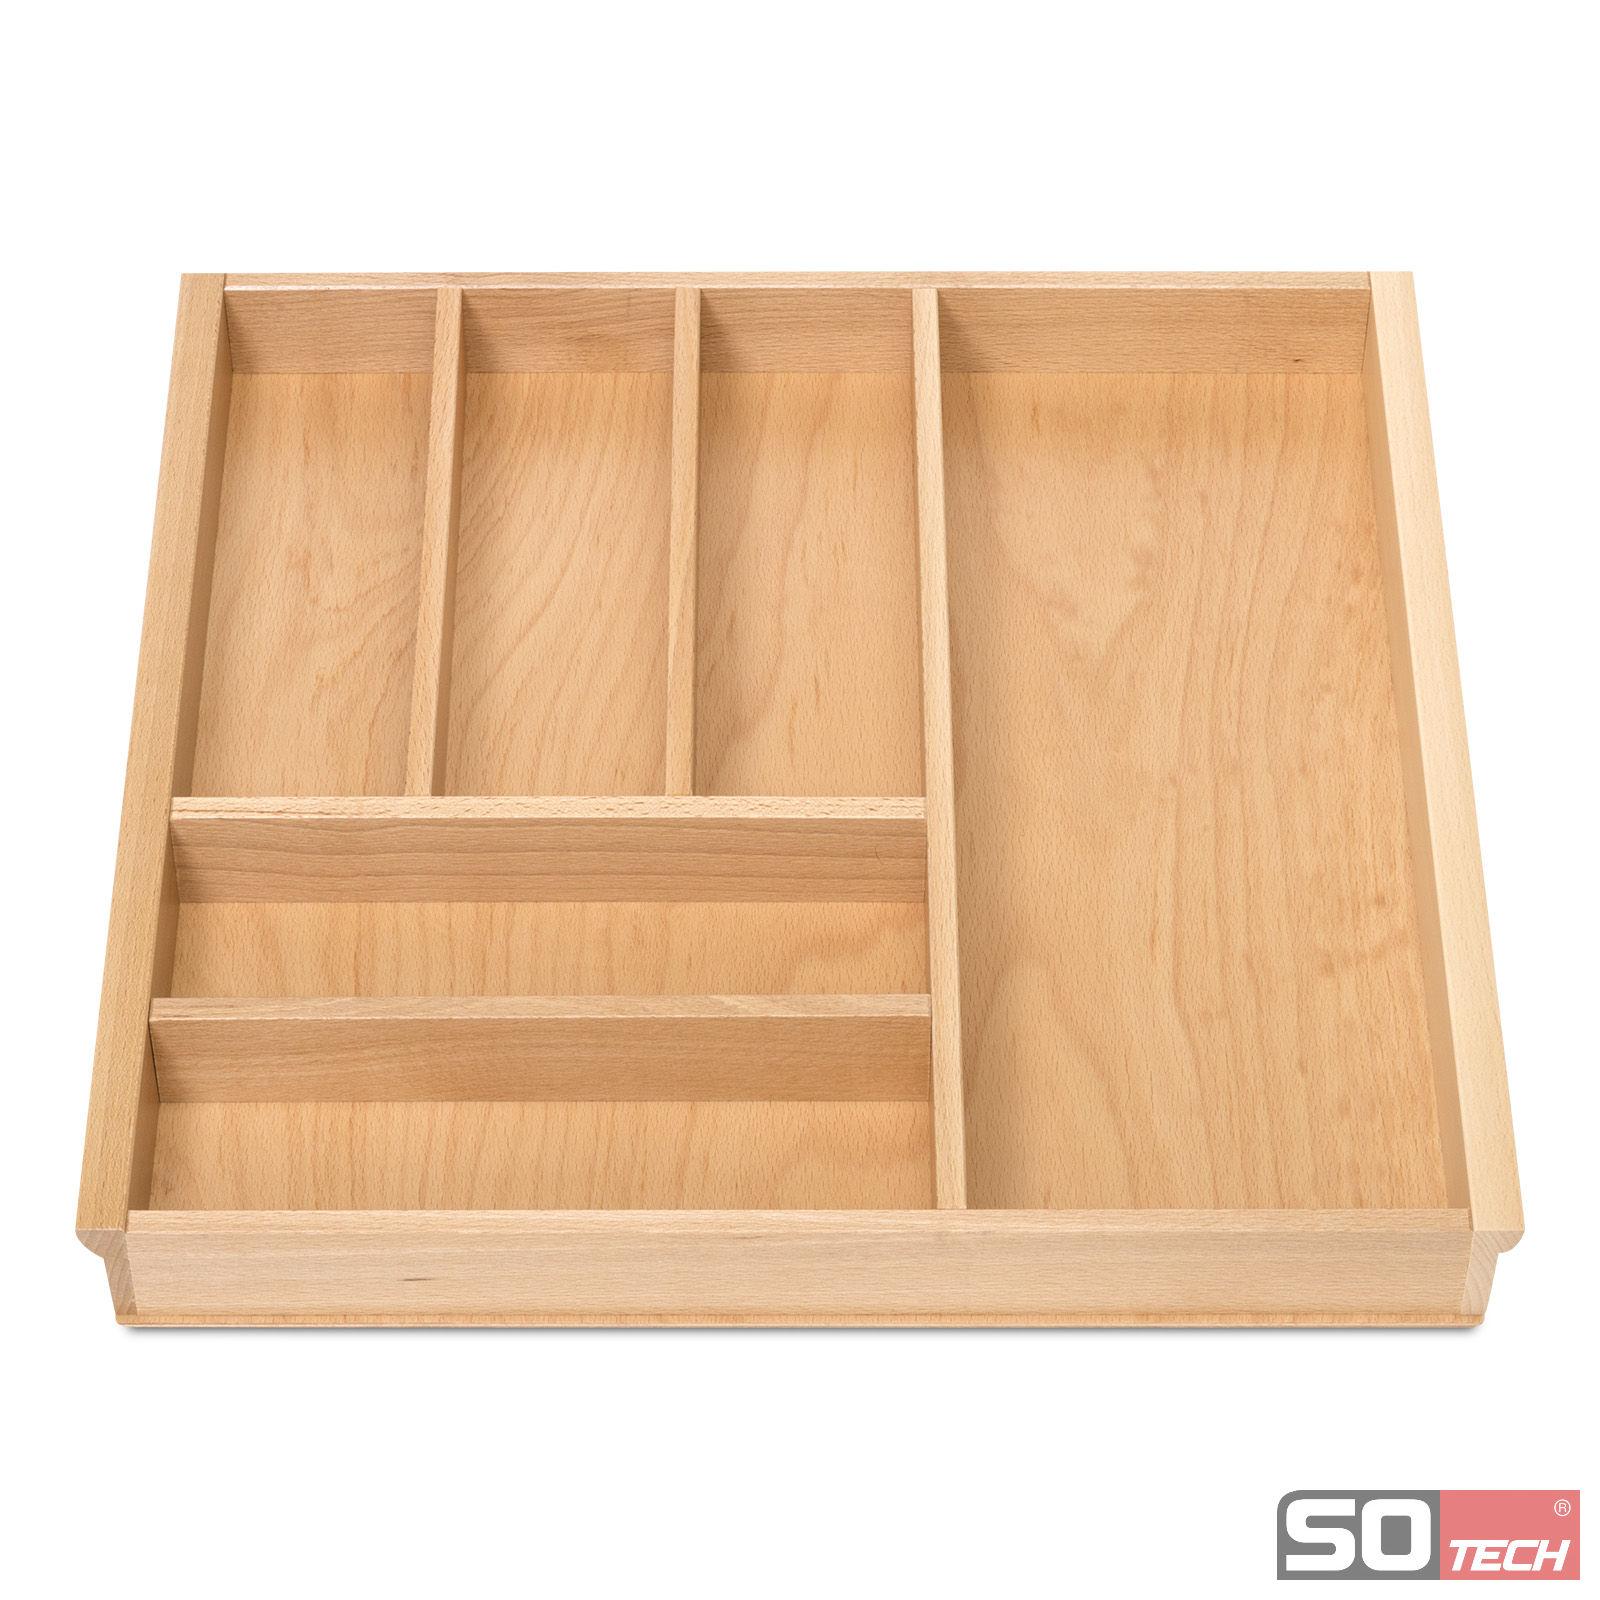 orga box iii buche besteckeinsatz besteckkasten nobilia pronorm brigitte k che ebay. Black Bedroom Furniture Sets. Home Design Ideas